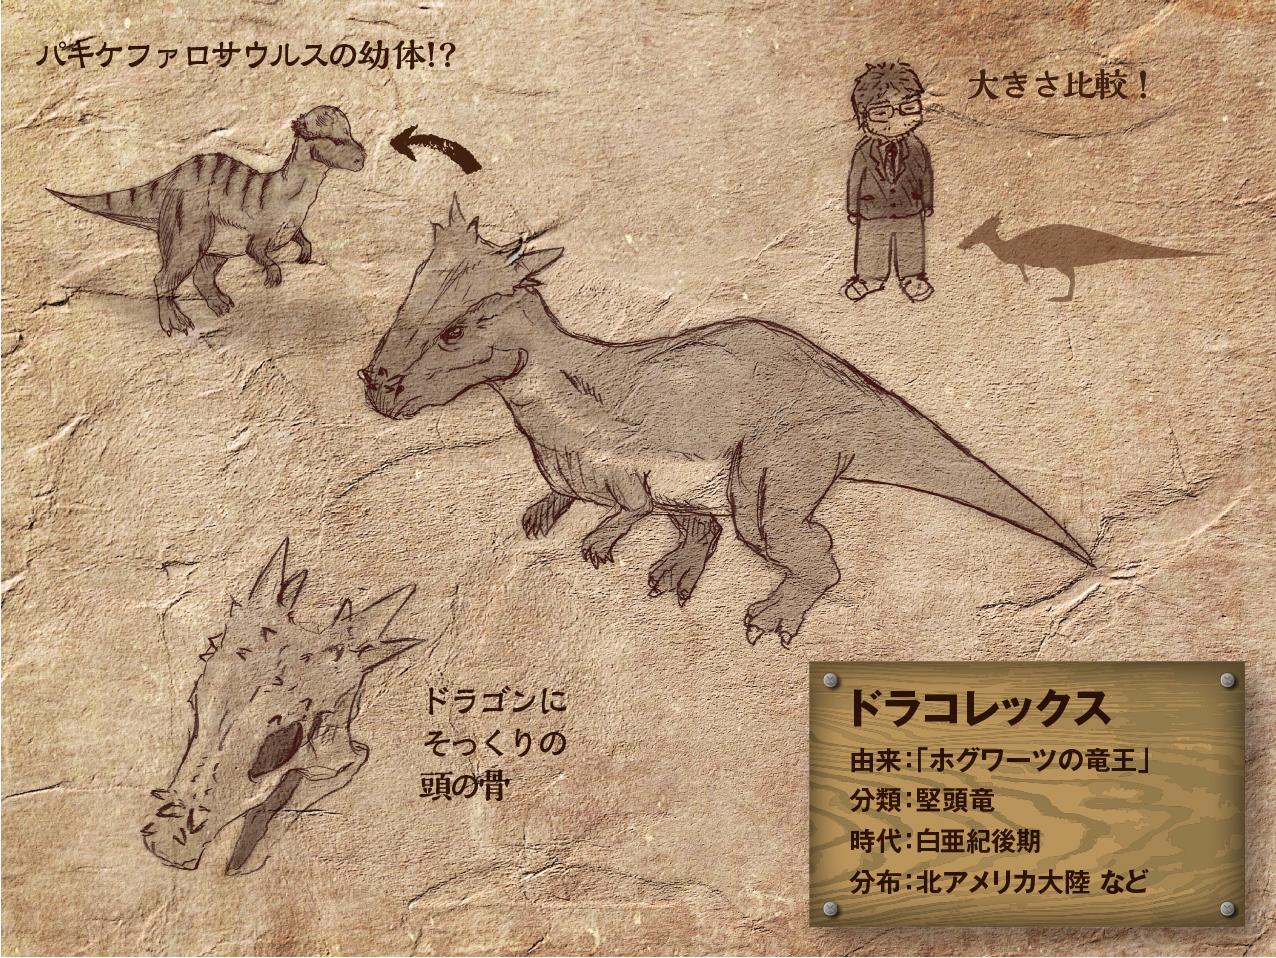 Dracorex.jpg